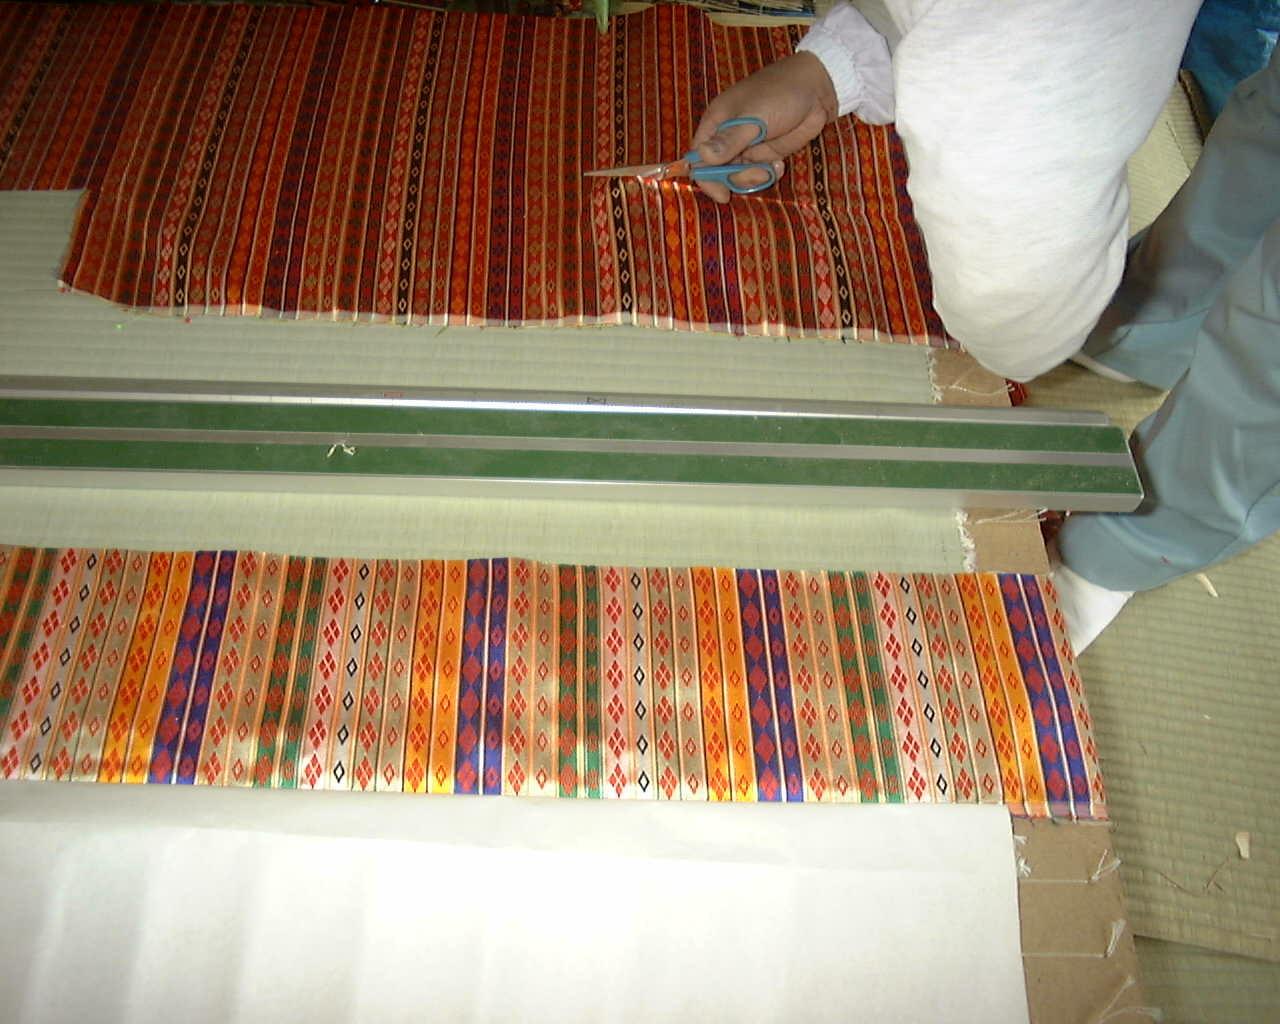 京都御所で使われている繧繝縁は、正絹で織られています。